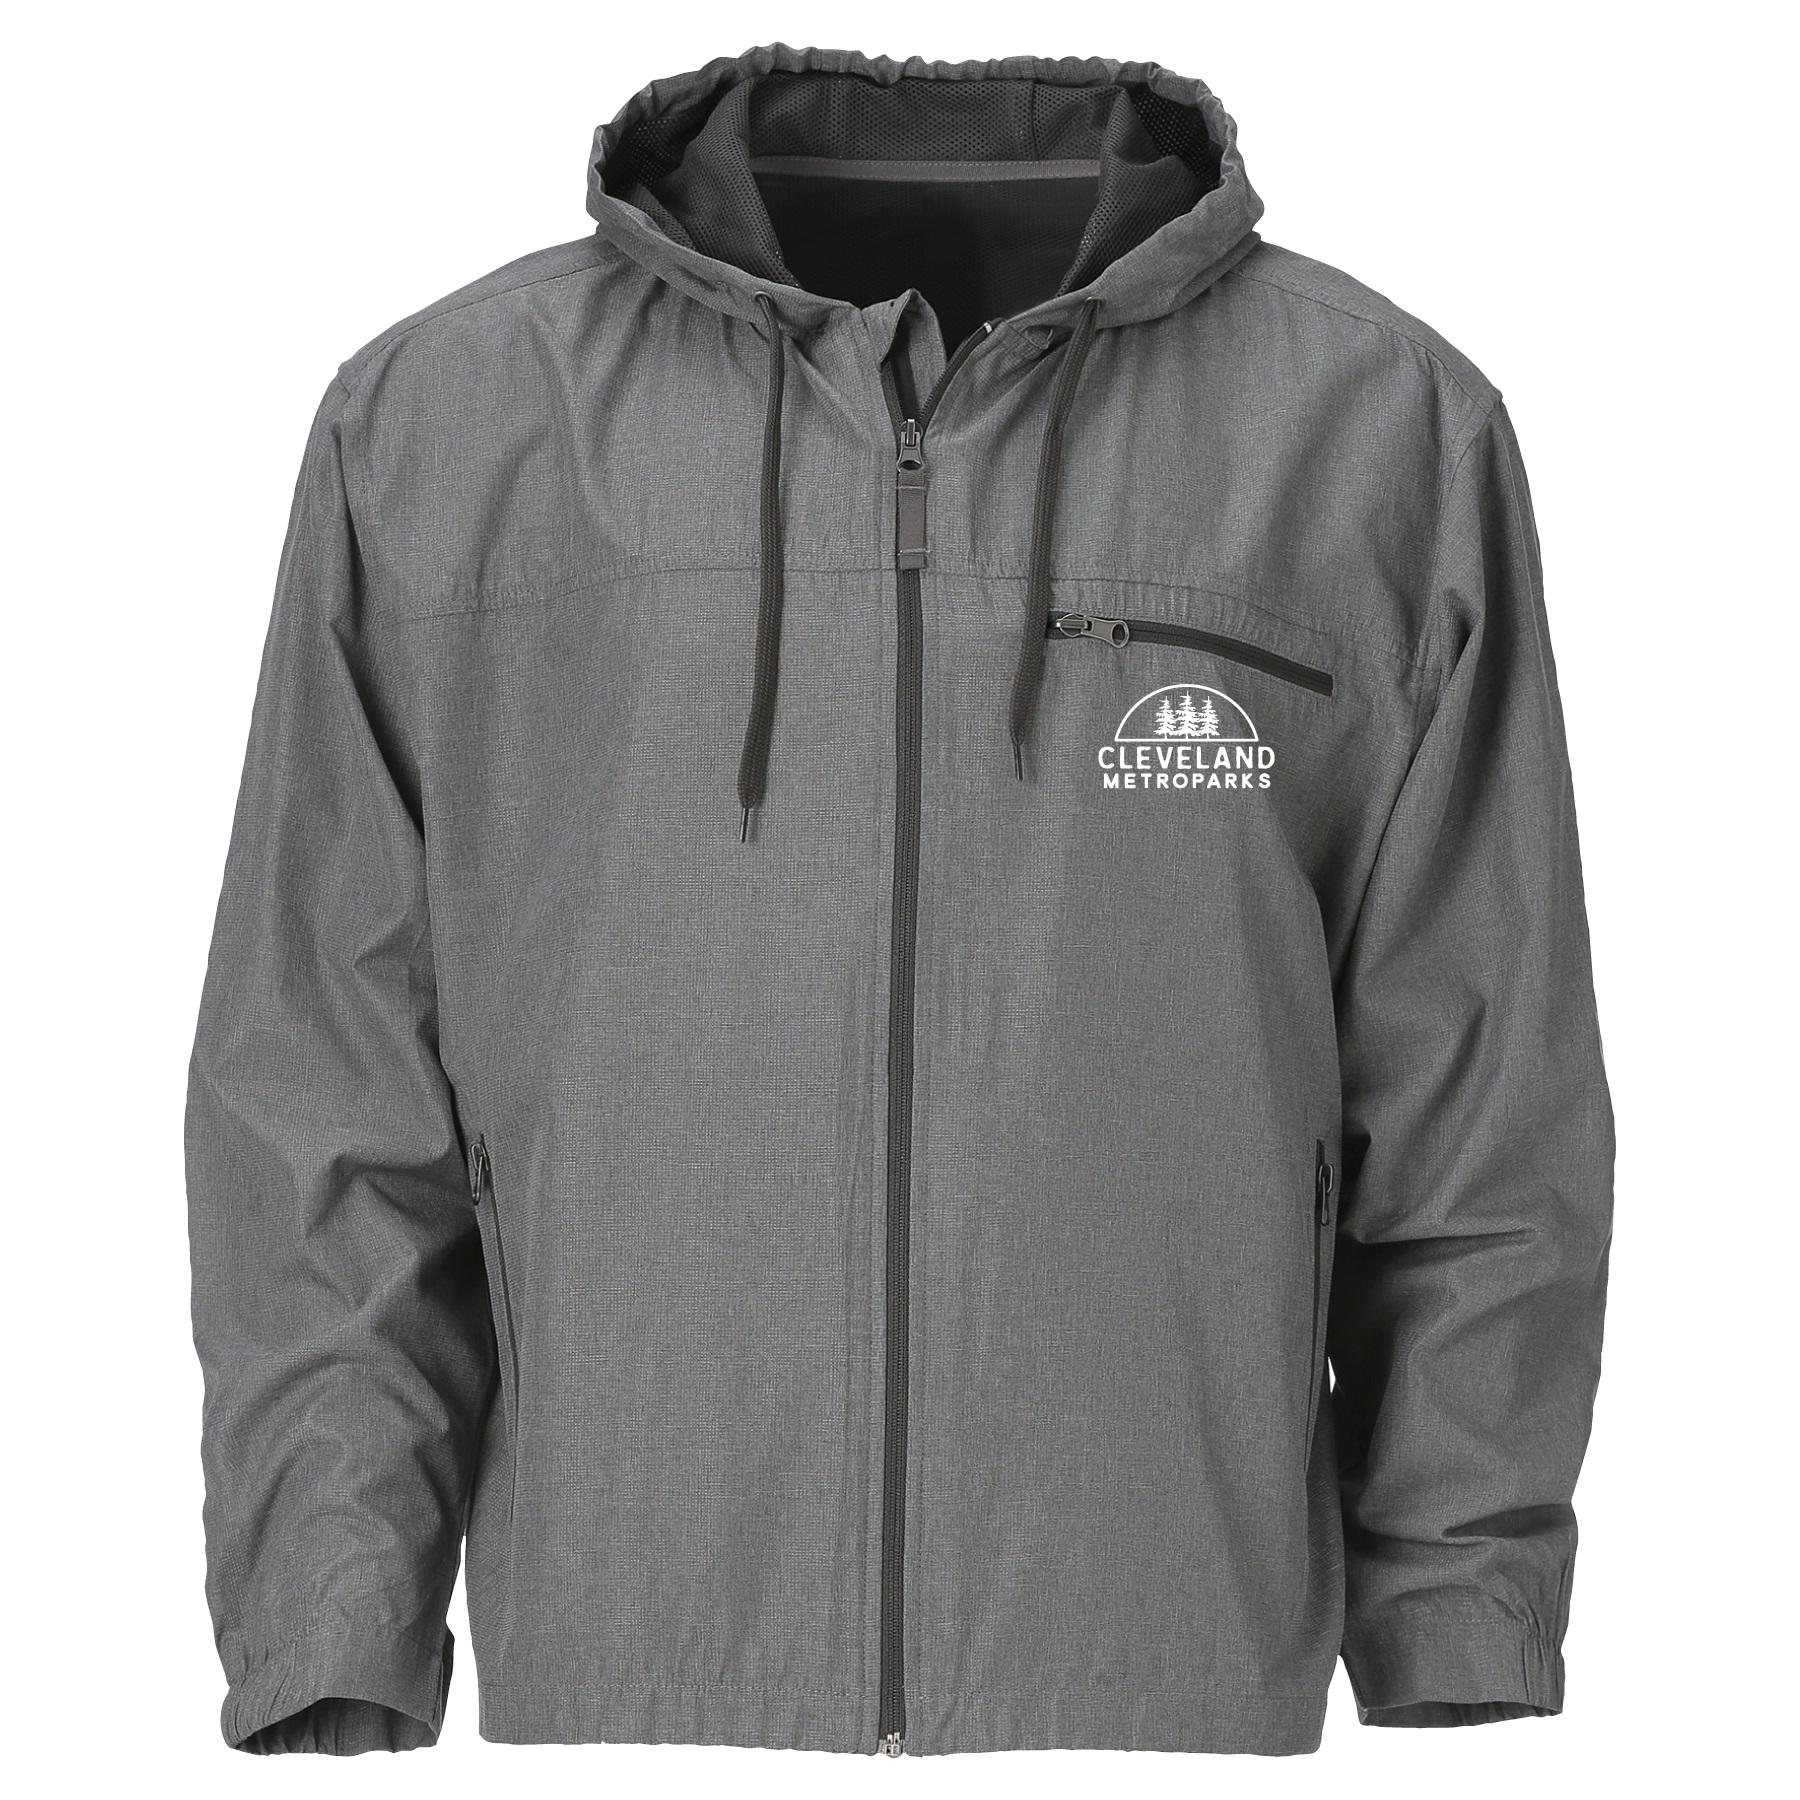 Full Zip Outsider Jacket